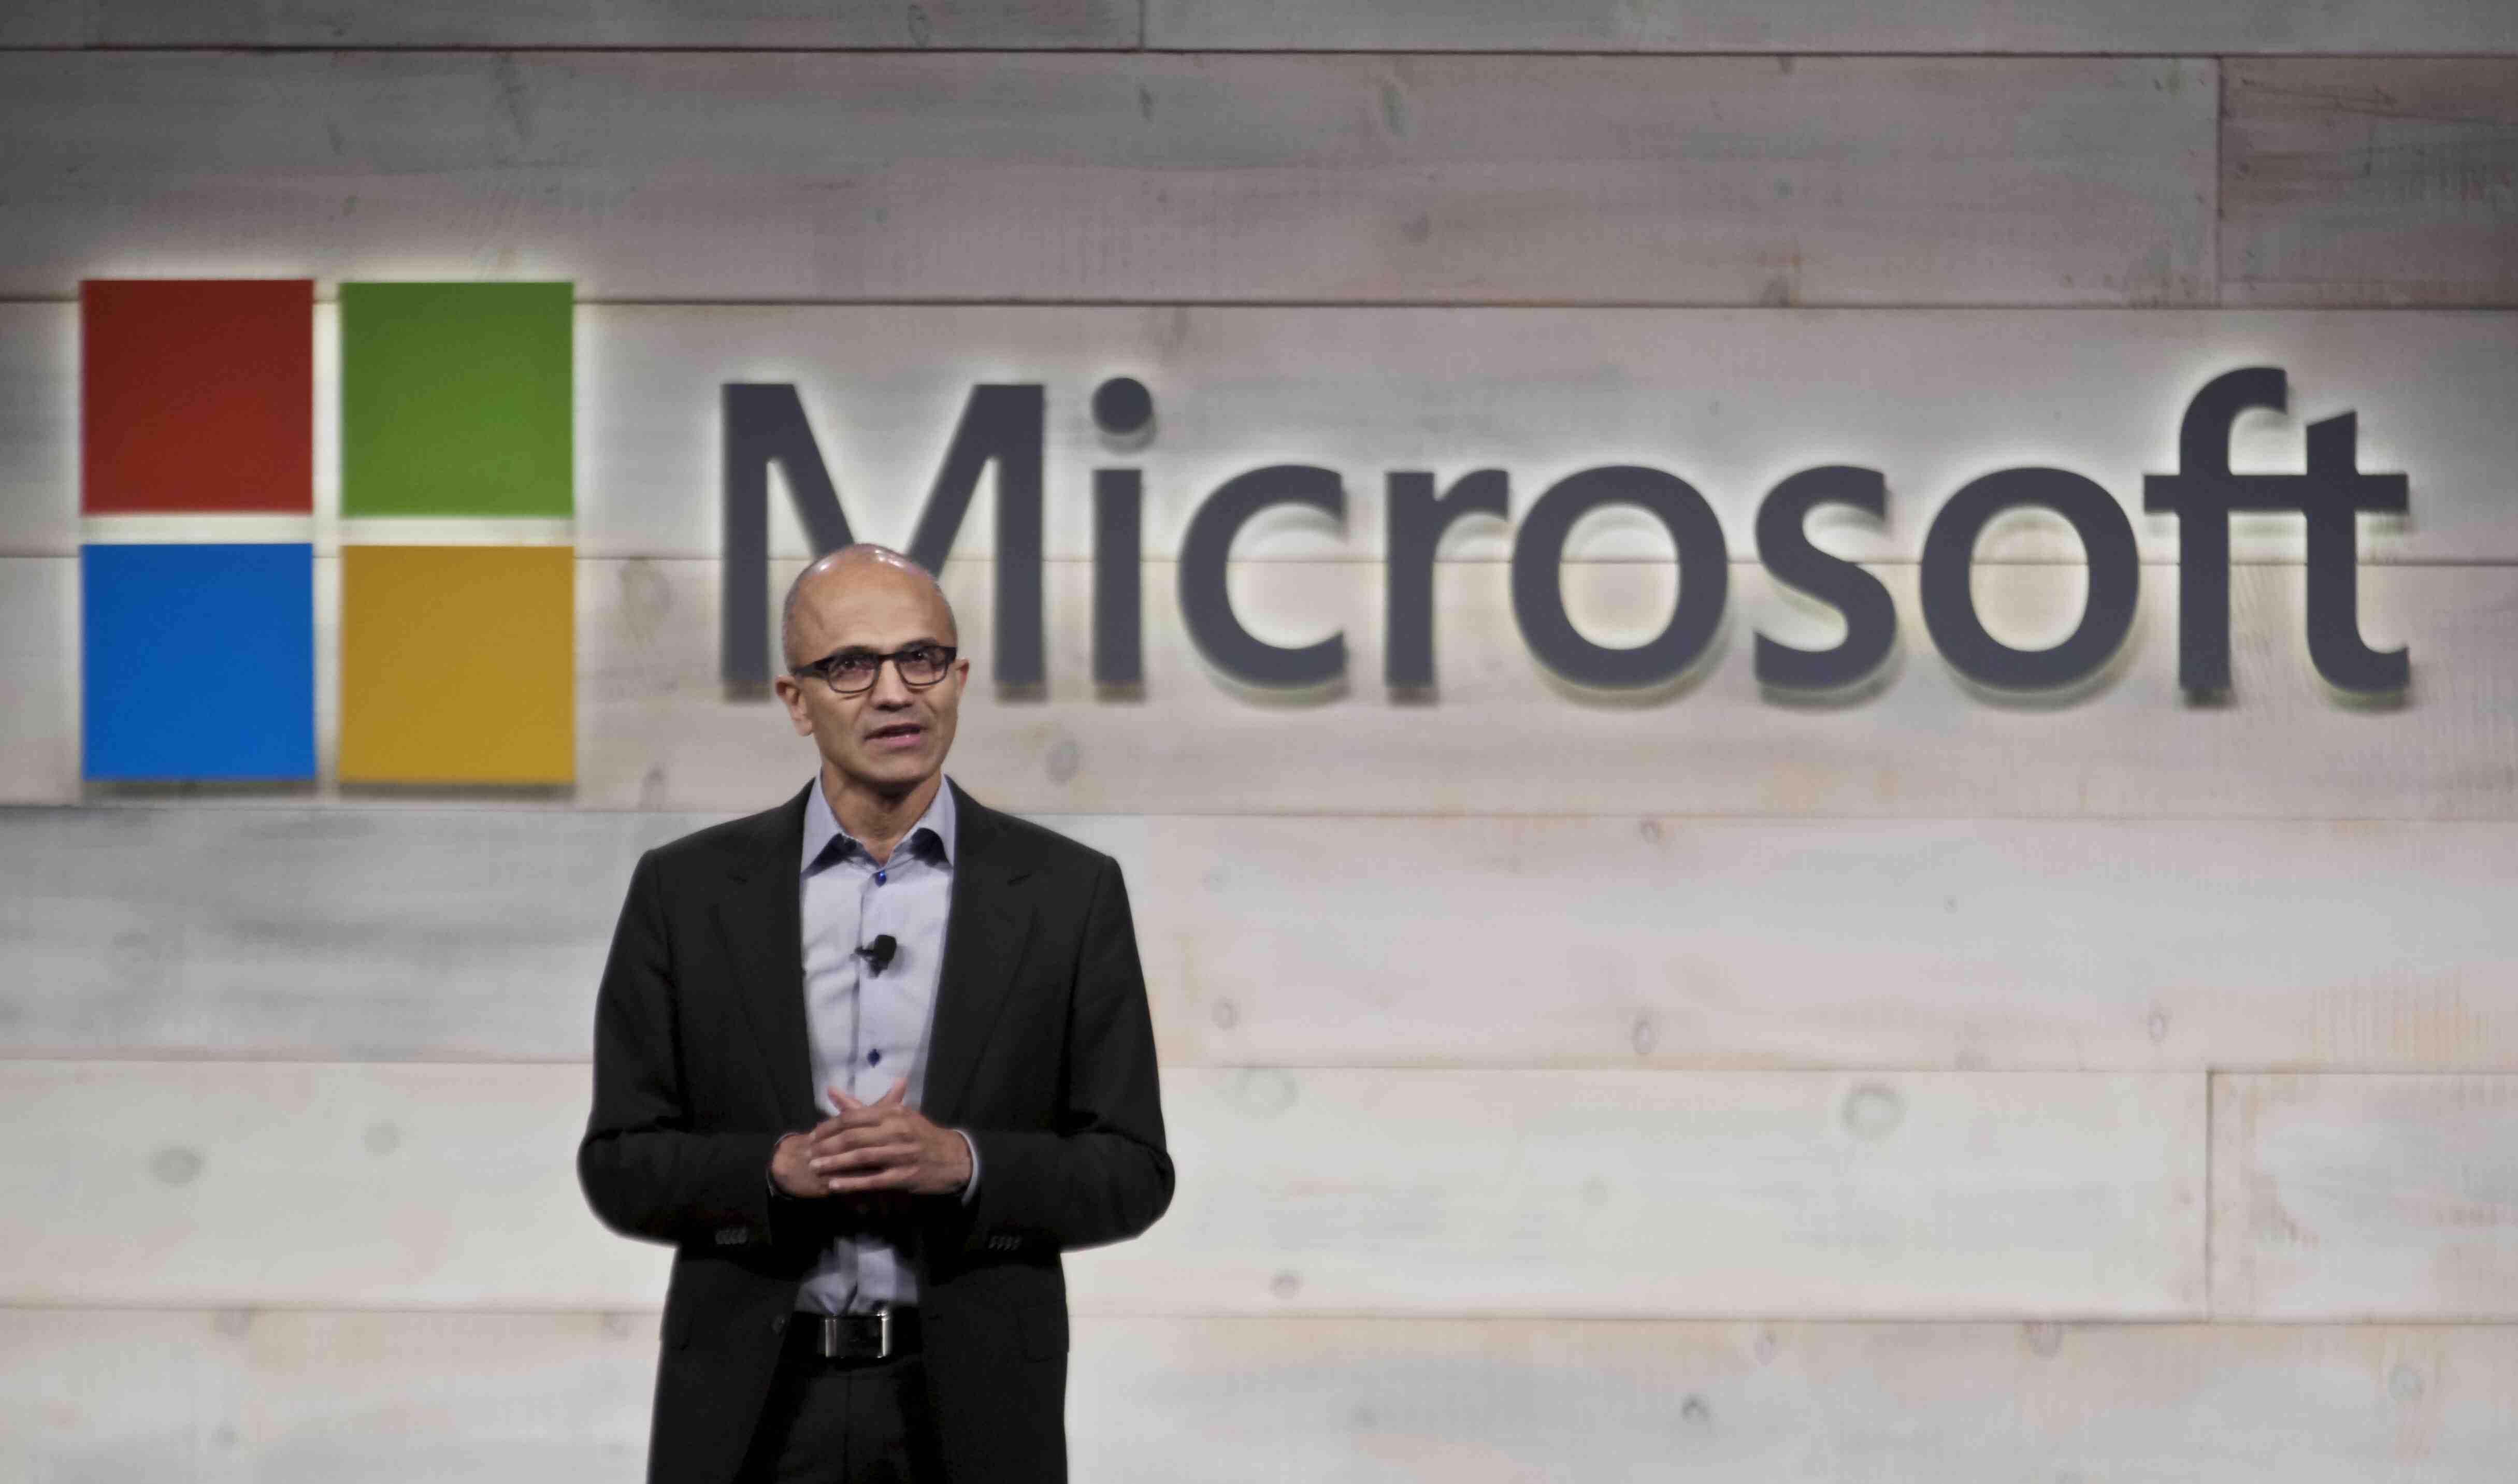 Öğrenci Kariyeri - Teknoloji & Bilim: Microsoft: Toplantıların Verimliliği Katılımcıların Vücut Diline Göre Ölçülecek